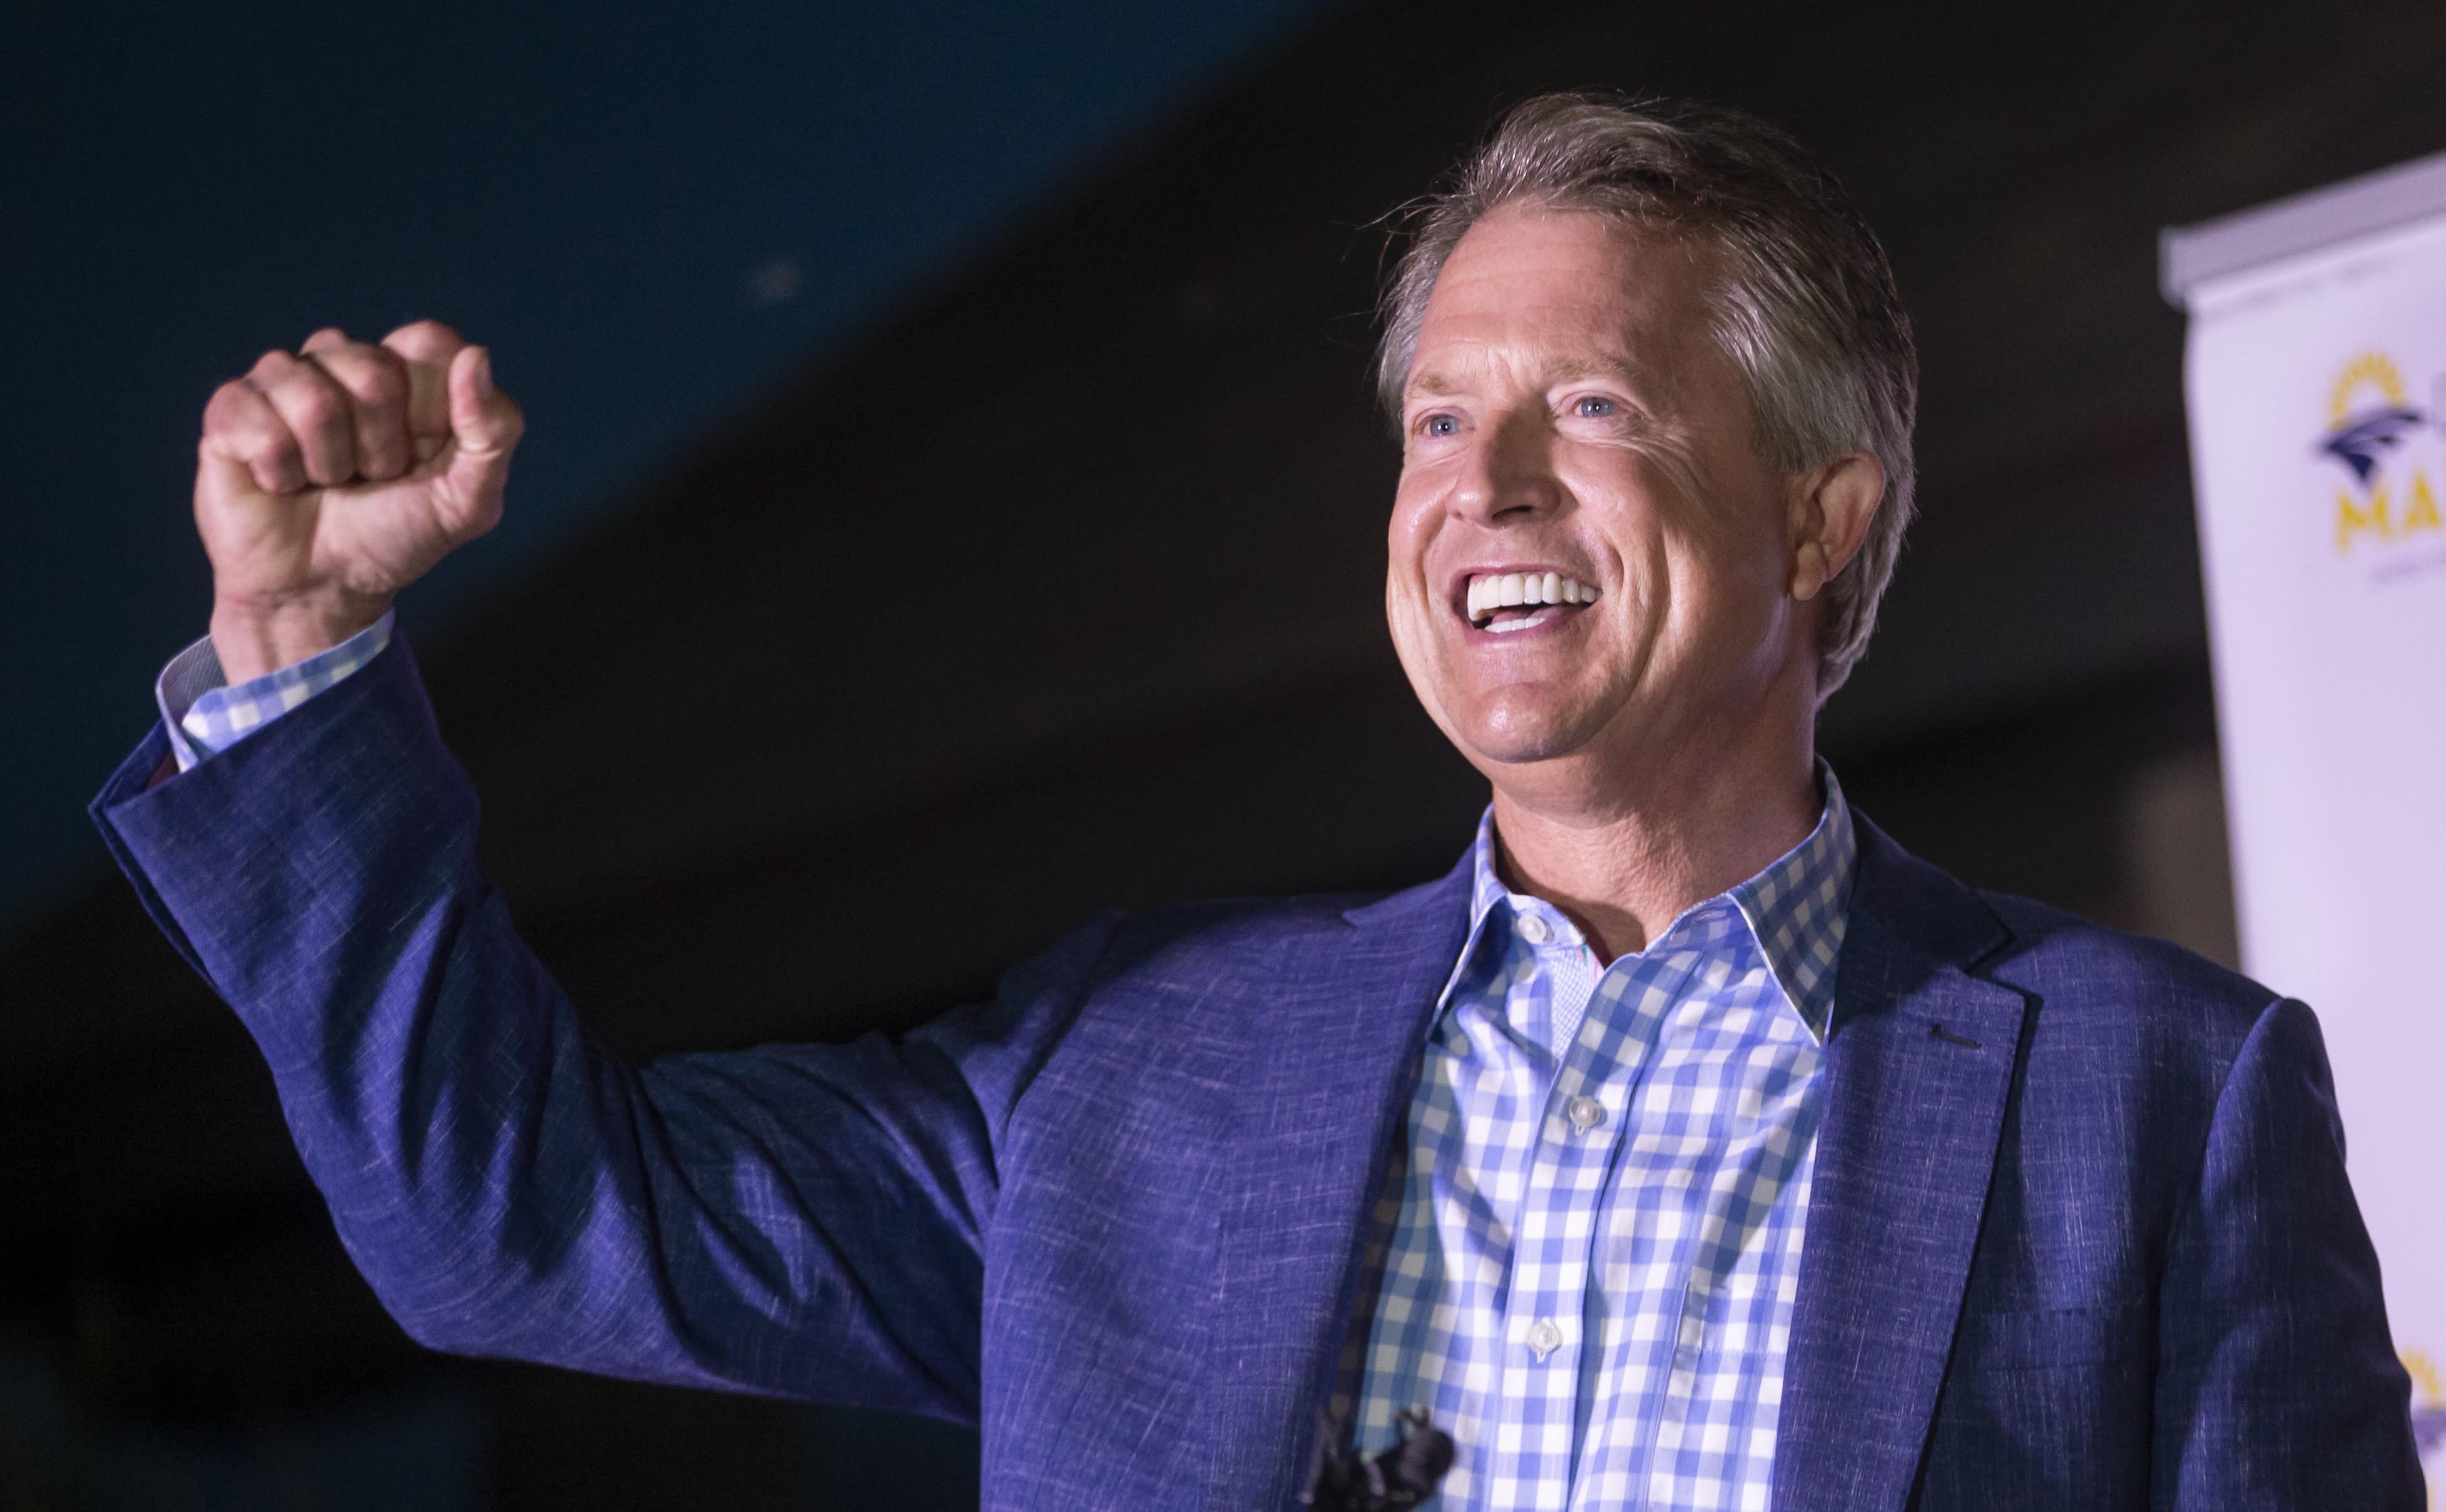 Trump ally Kobach loses Kansas Senate primary